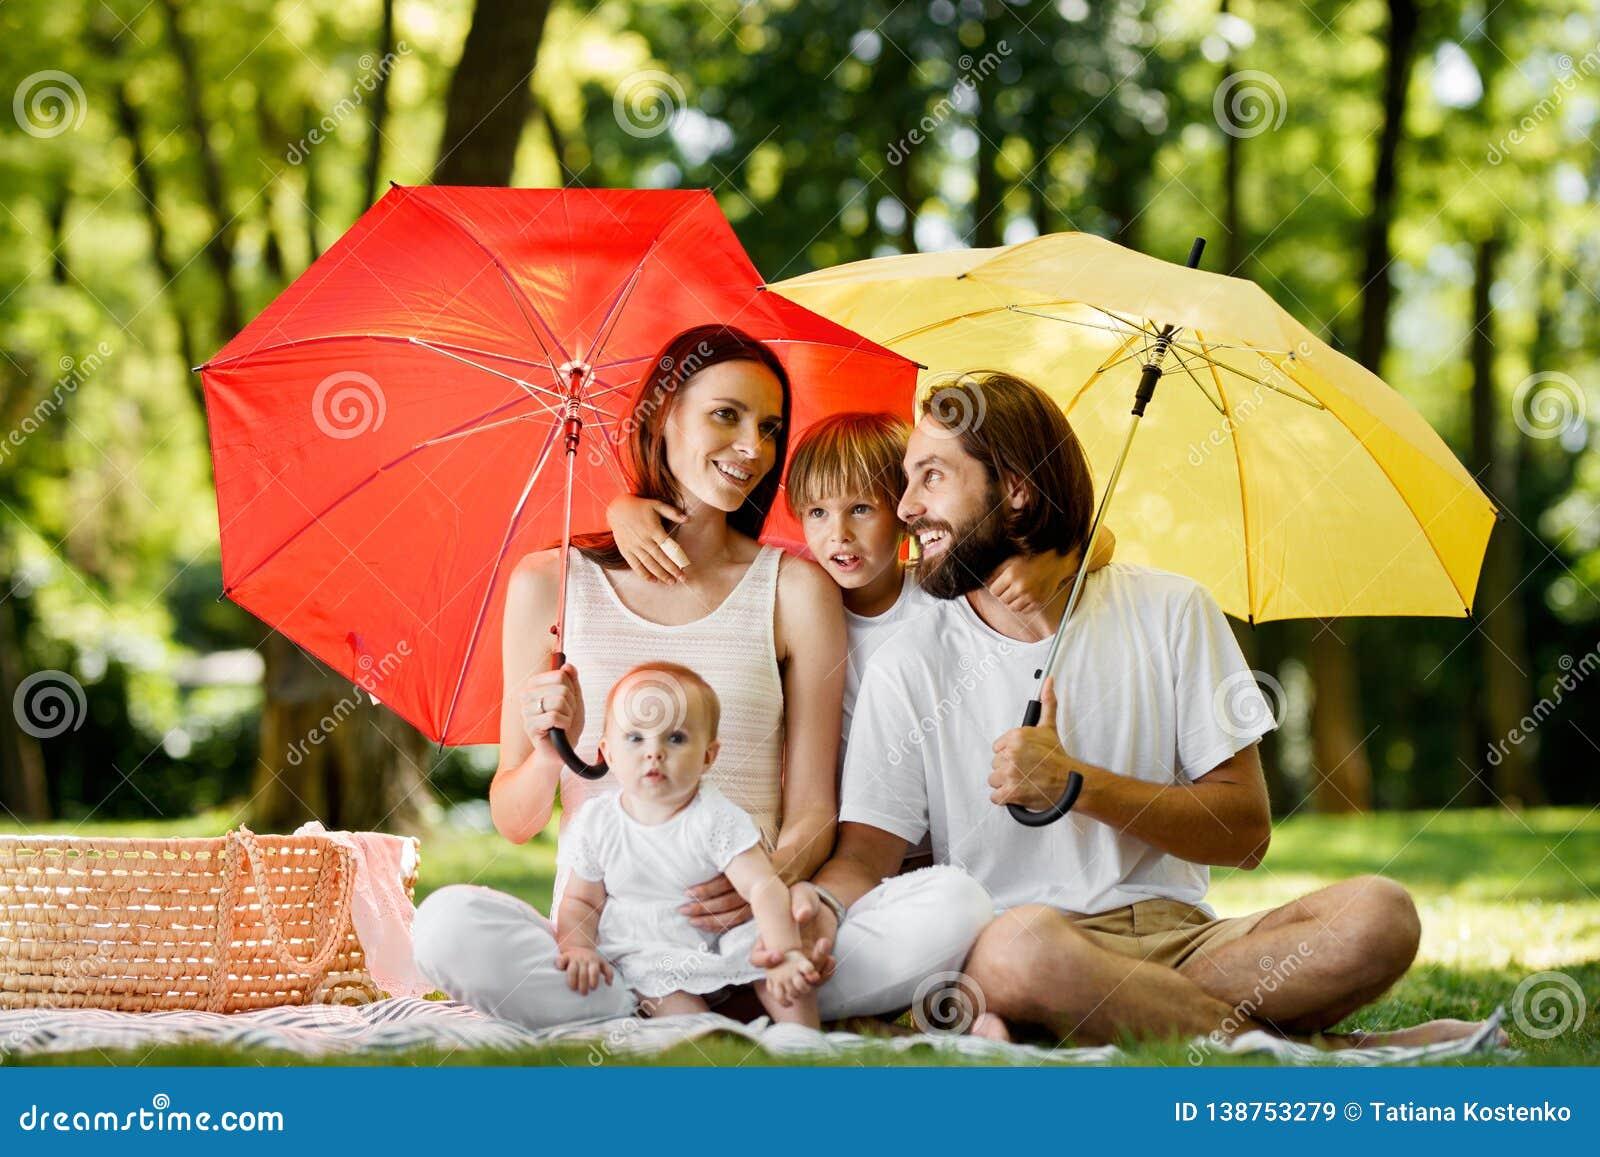 Verbergend van de zon onder grote rode en gele paraplu smoeder, zitten de vader en hun kinderen op de deken en